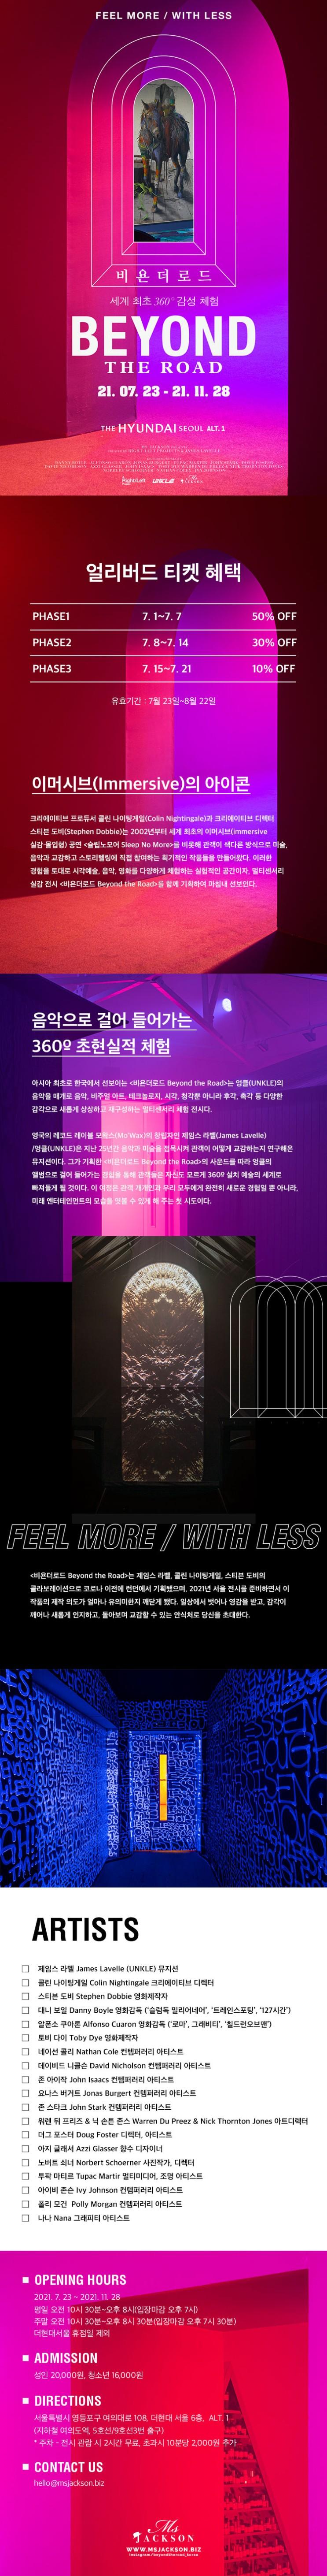 [전시소개] 비욘더로드 얼리버드 여의도 더현대서울 알트원 서울전시 2021.07.23~2021.11.28